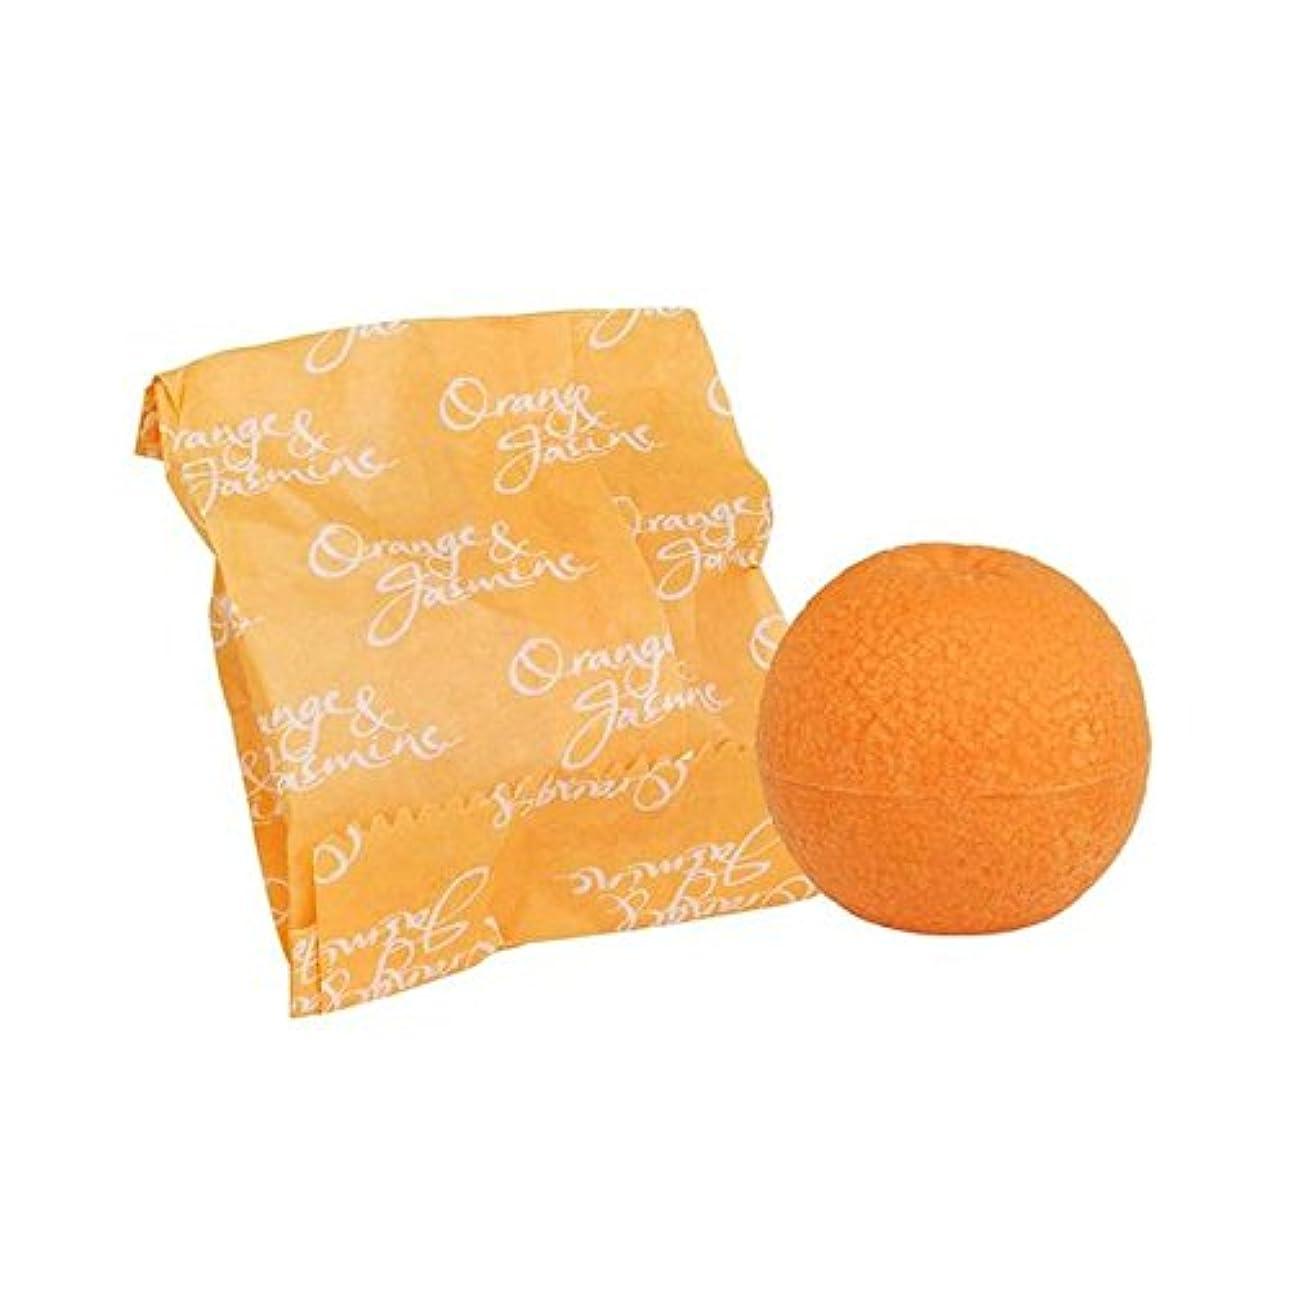 血色の良いプロトタイプ故障中Bronnley Orange & Jasmine Soap 100g - オレンジ&ジャスミン石鹸100グラム [並行輸入品]